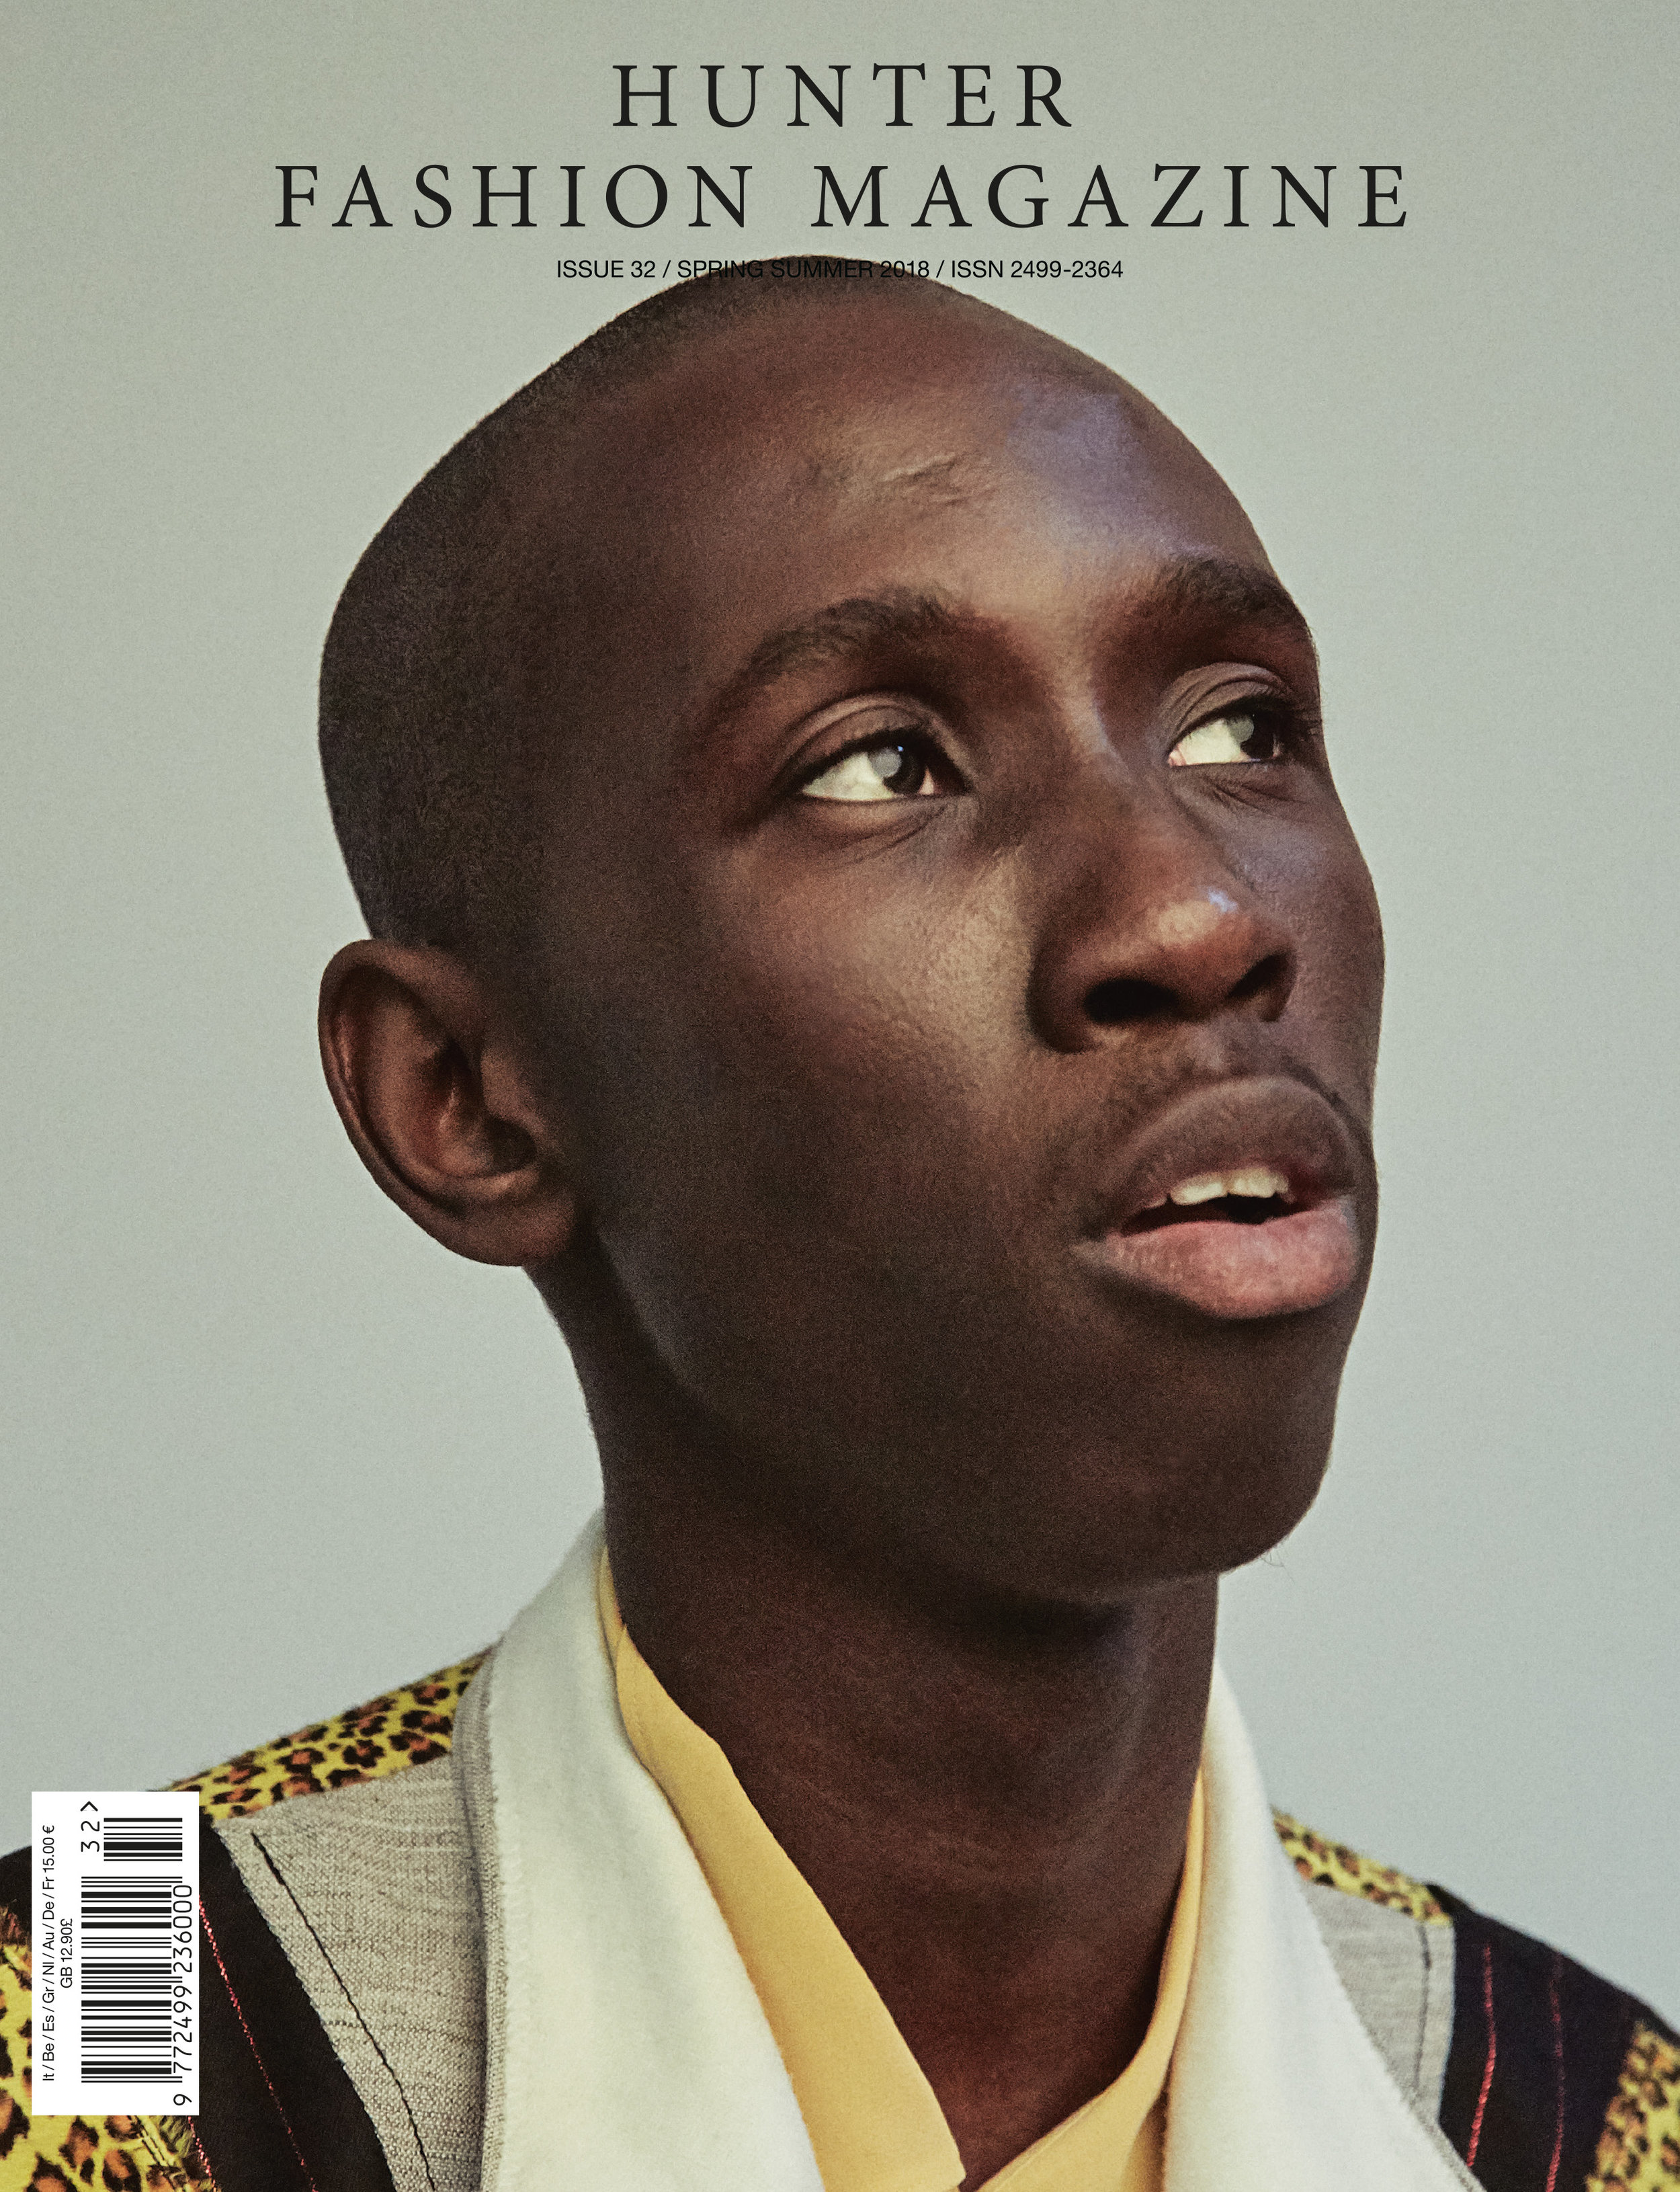 Hunter Magazine by Vito Fernicola